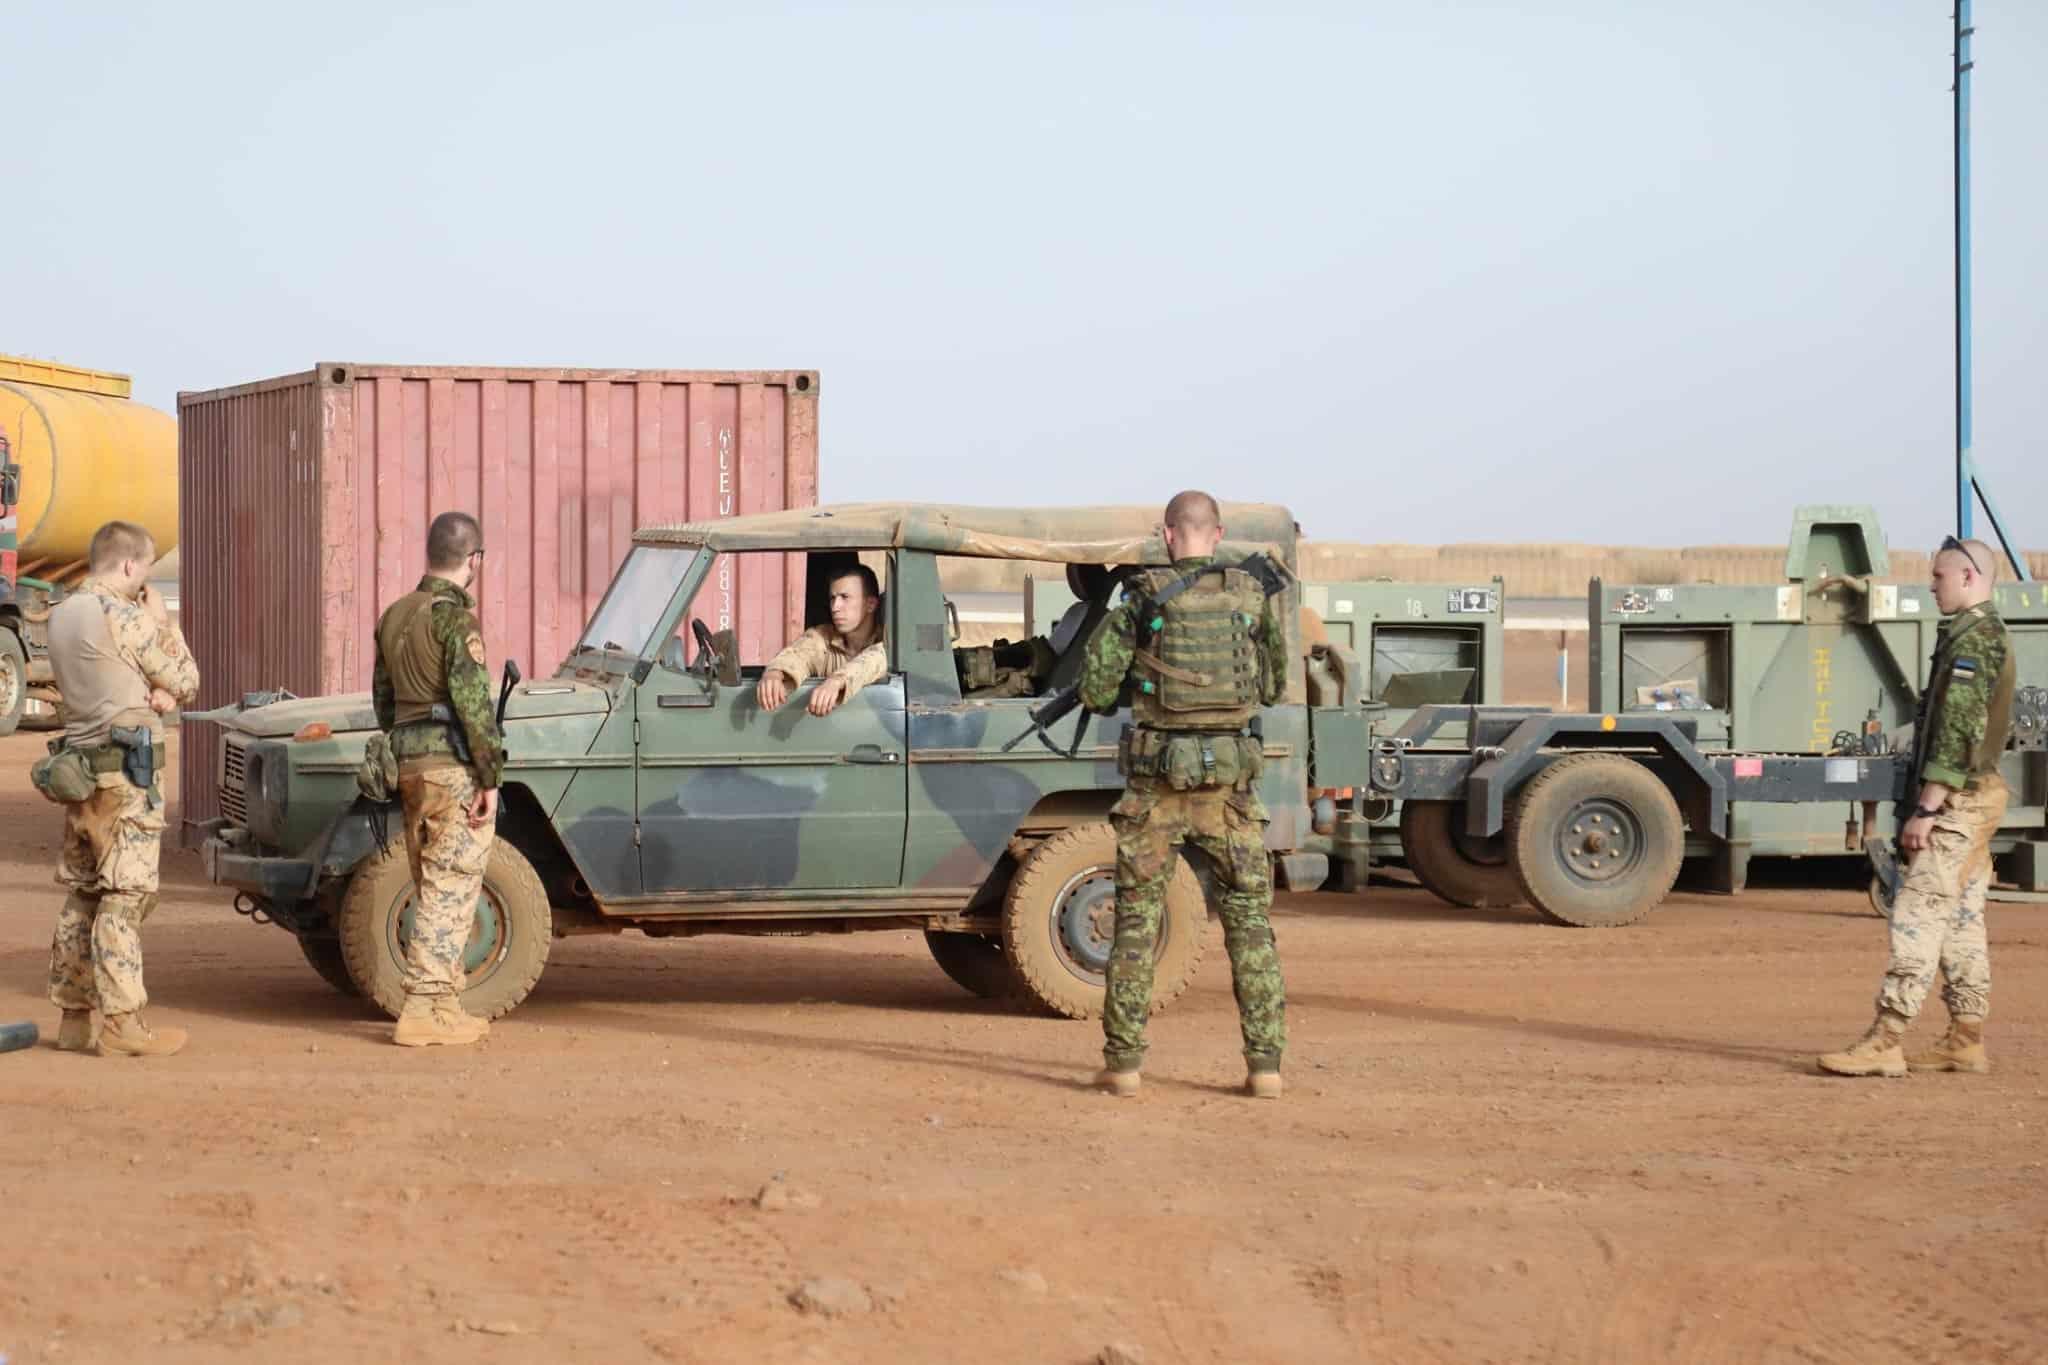 Позашляховик Mercedes Benz на озброєнні Сил оборони Естонії